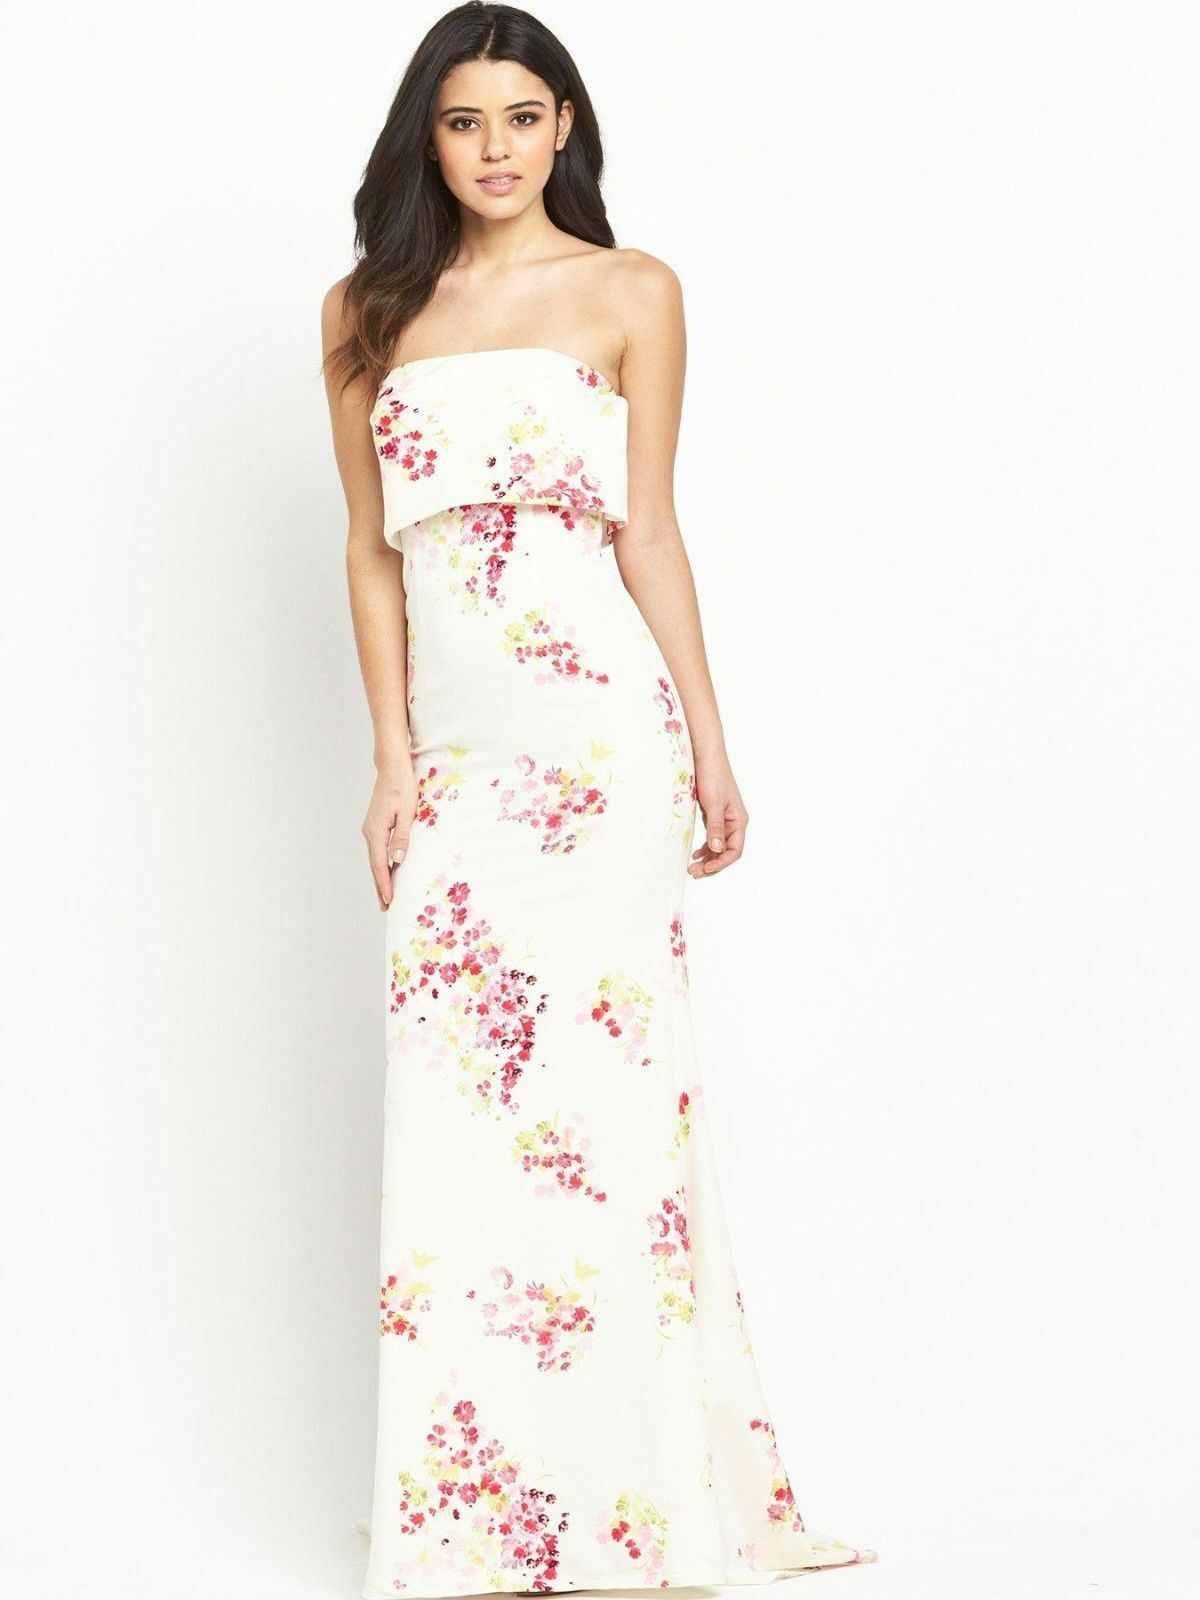 Jarlo Floral Party Wedding Maxi Dress Dress Dress UK10 EUR38 US6 | Ausgezeichneter Wert  6c5b15